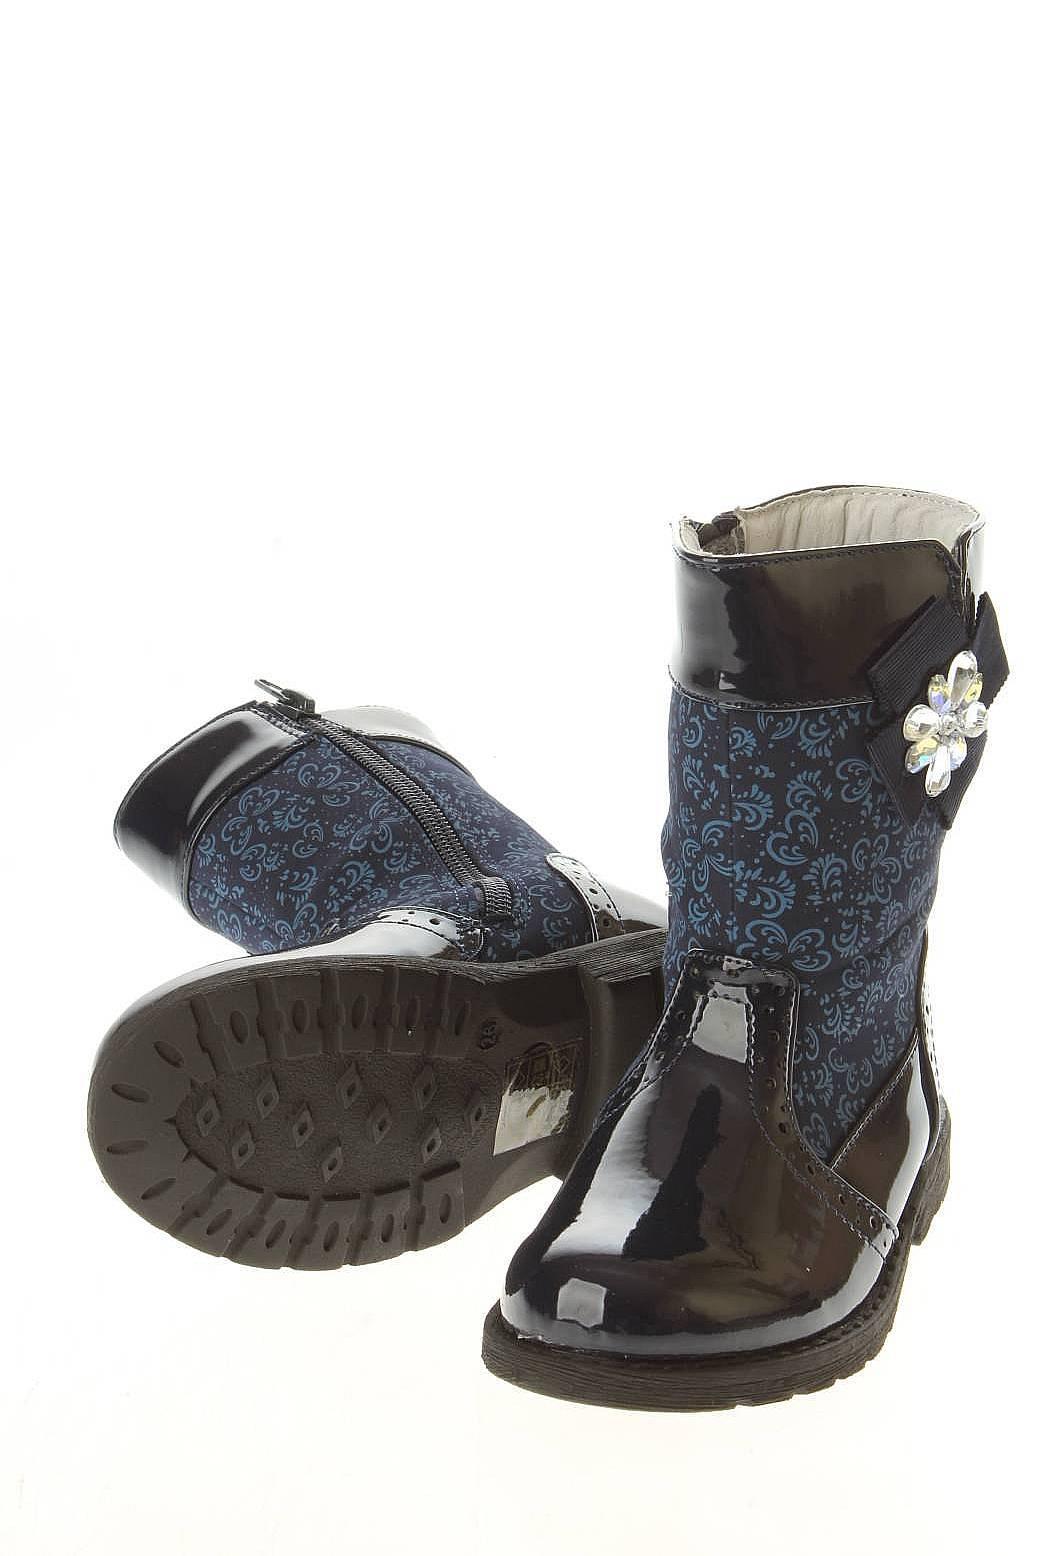 Мужская Обувь Детская Обувь Сапоги: KENKA Обувь